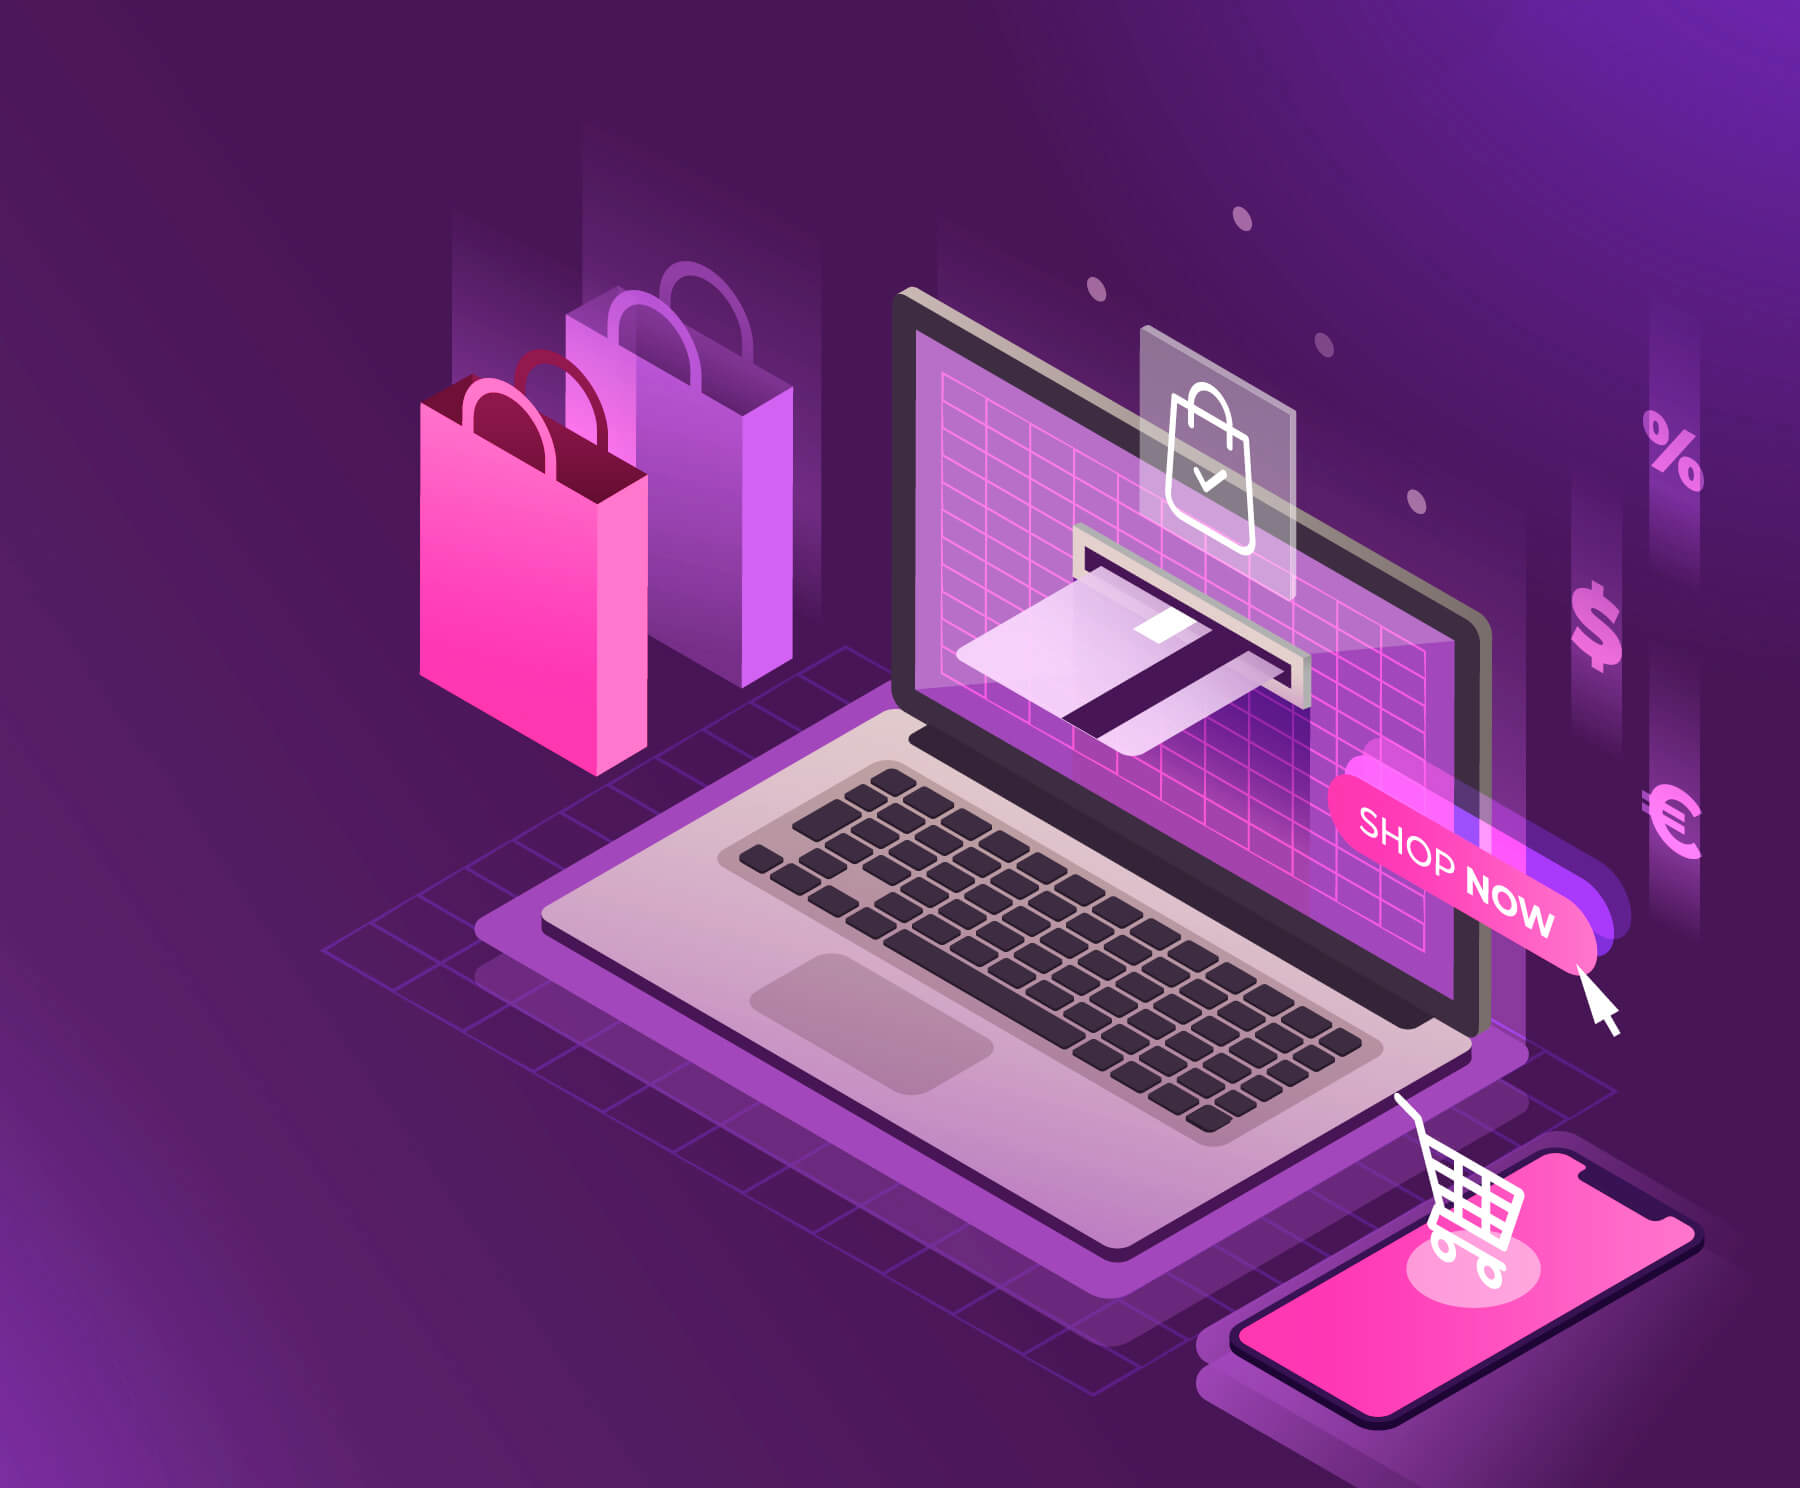 Características-principales-de-Shopify